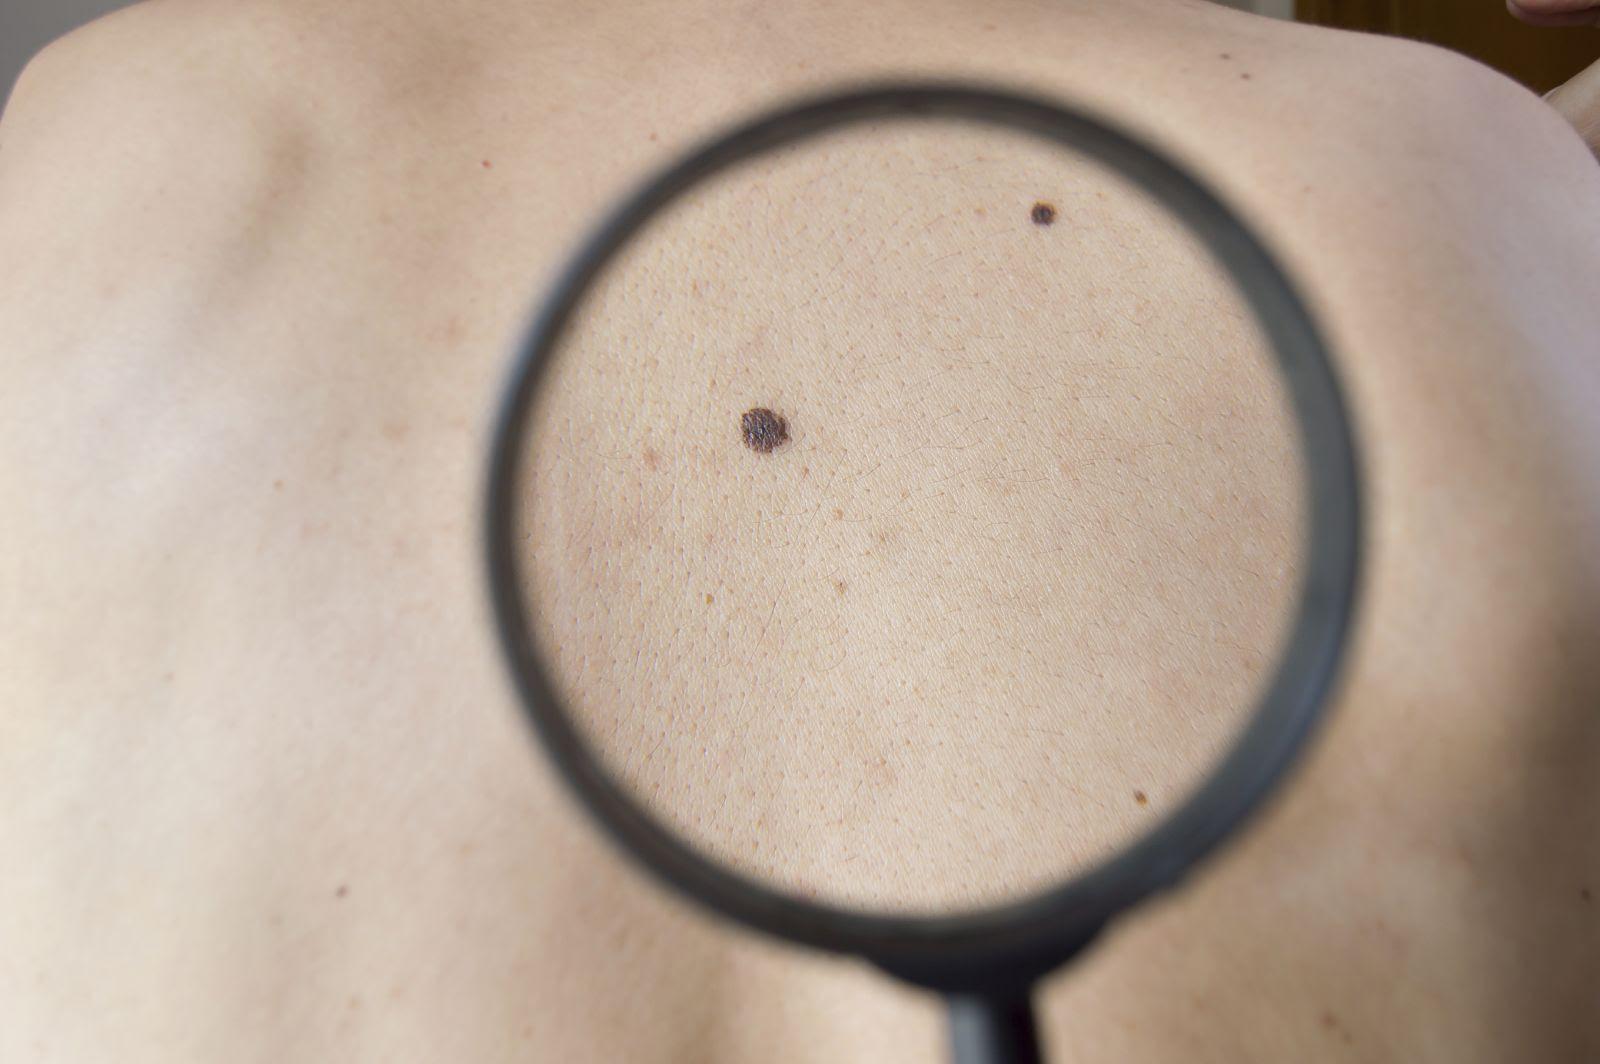 Treating melanoma